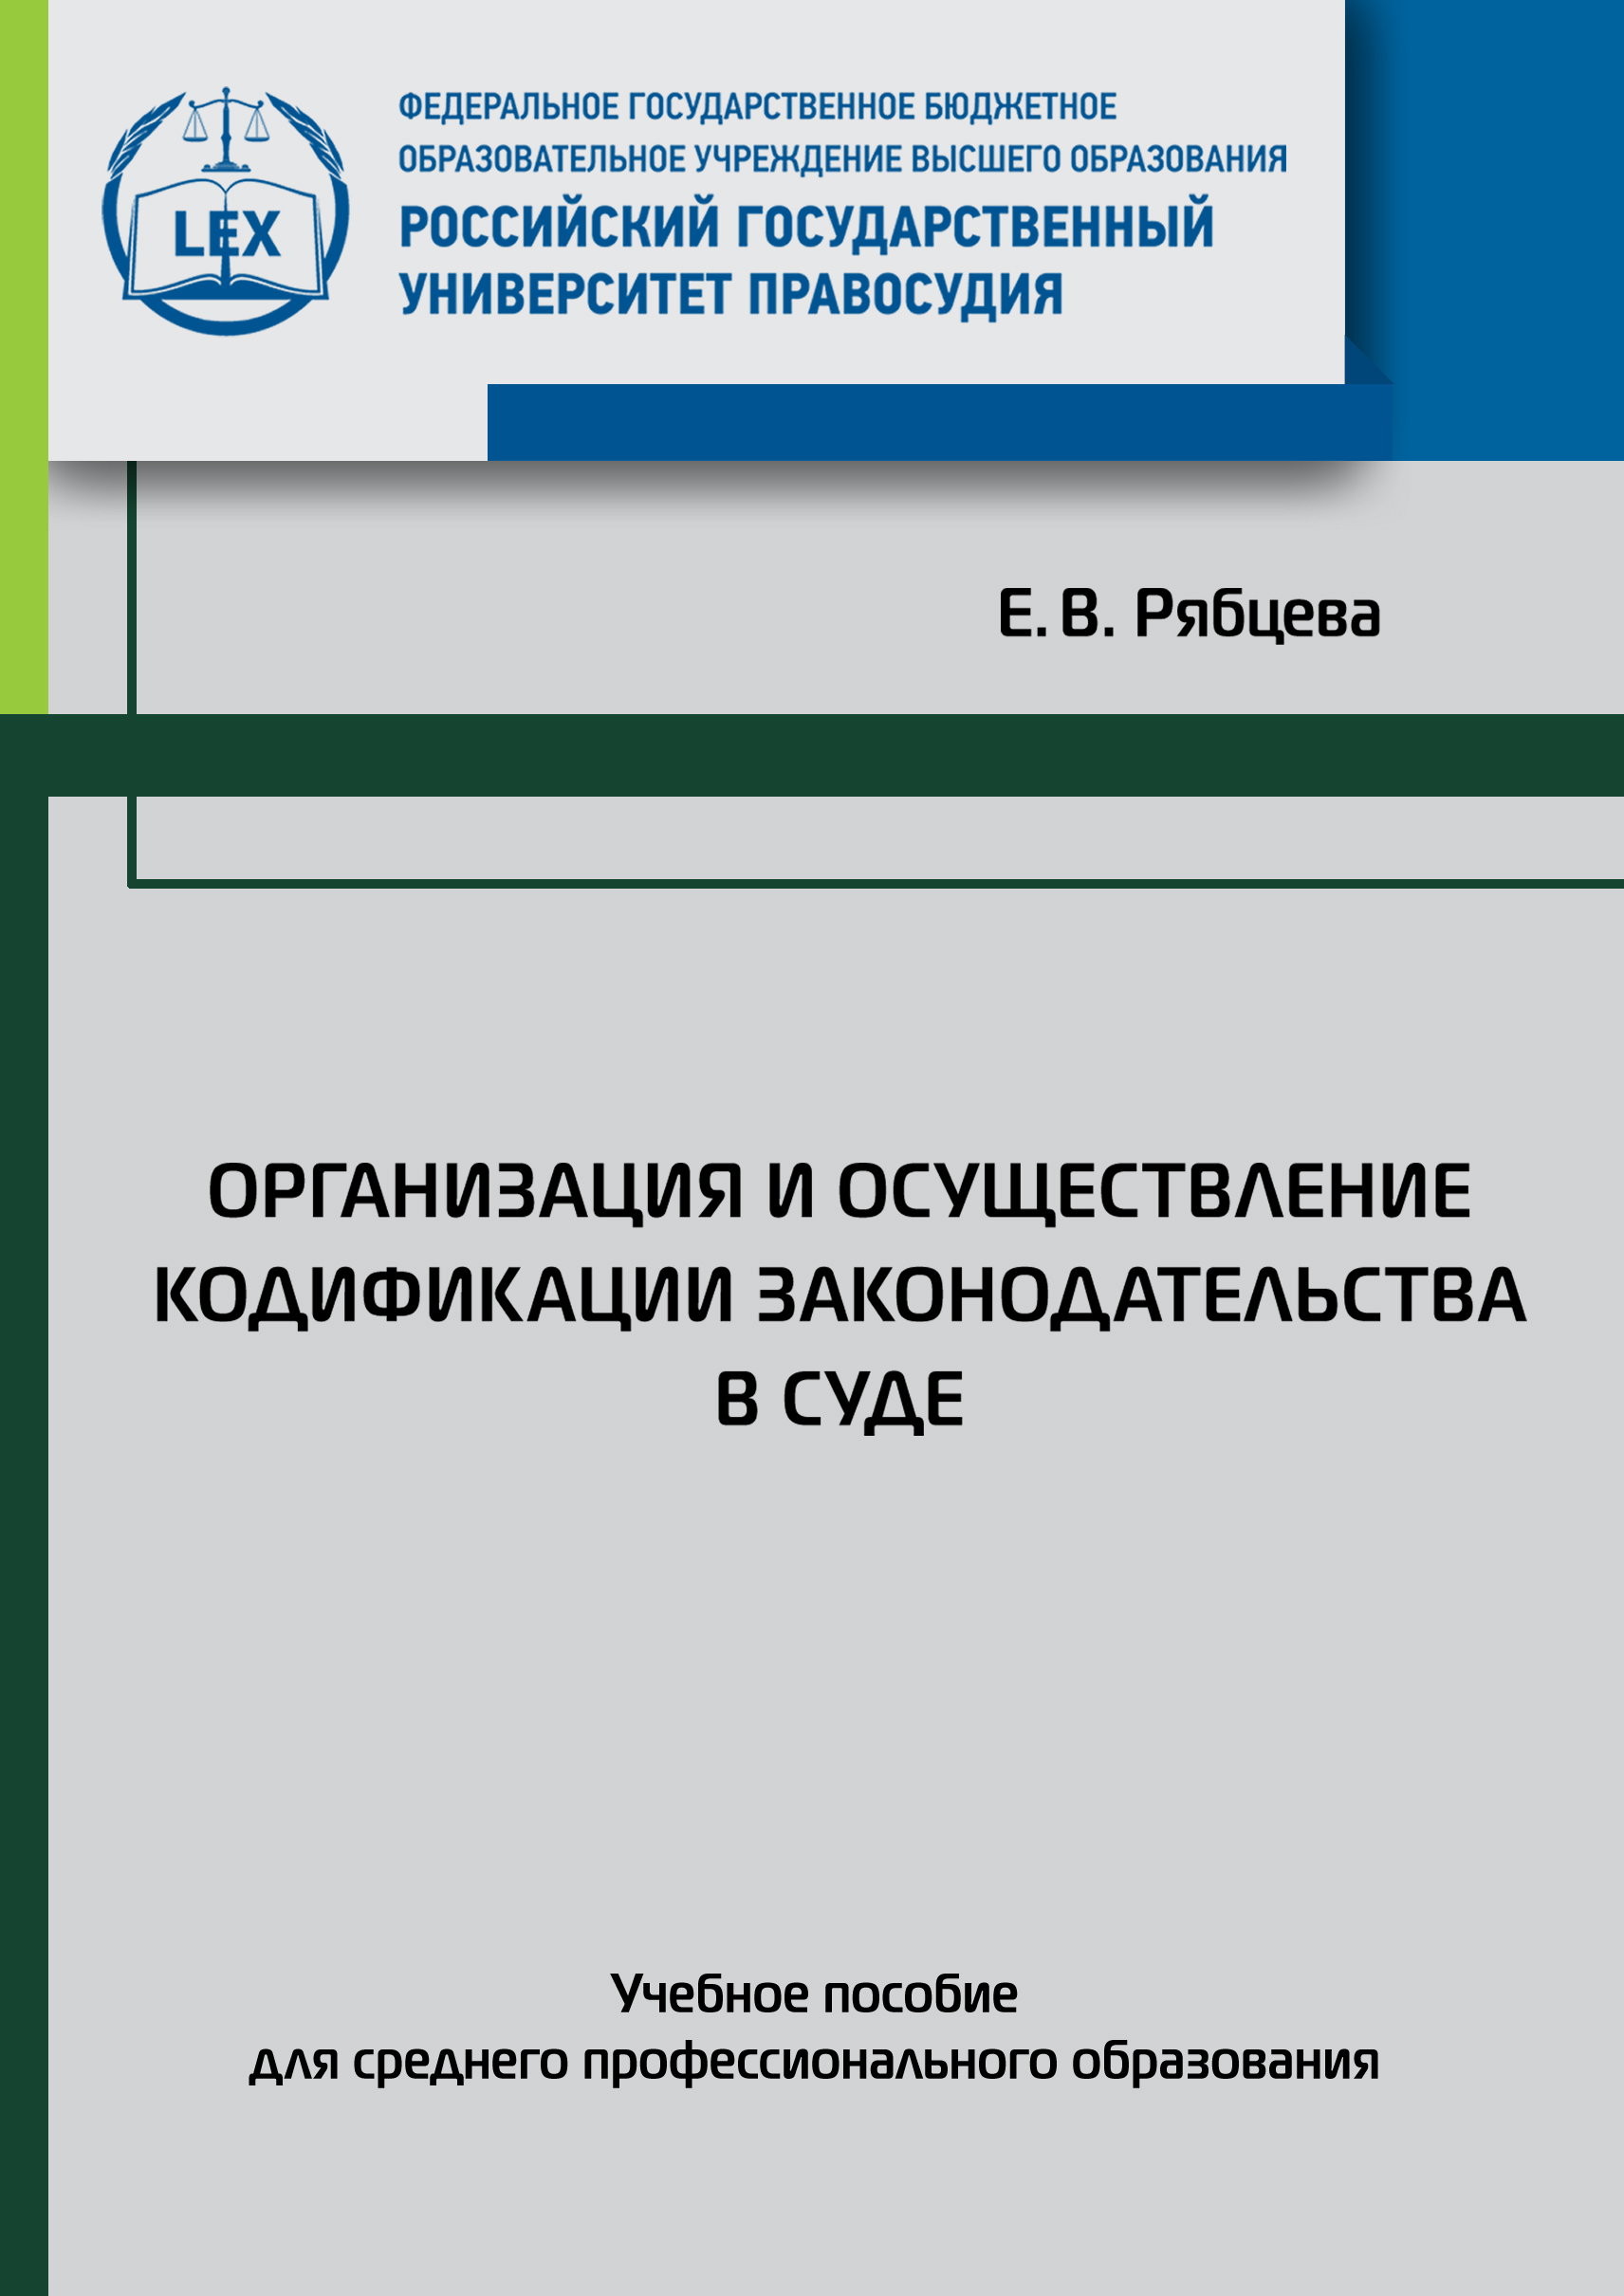 Е. В. Рябцева Организация и осуществление кодификации законодательства в суде. Учебное пособие н и клейн встречный иск в суде и арбитраже